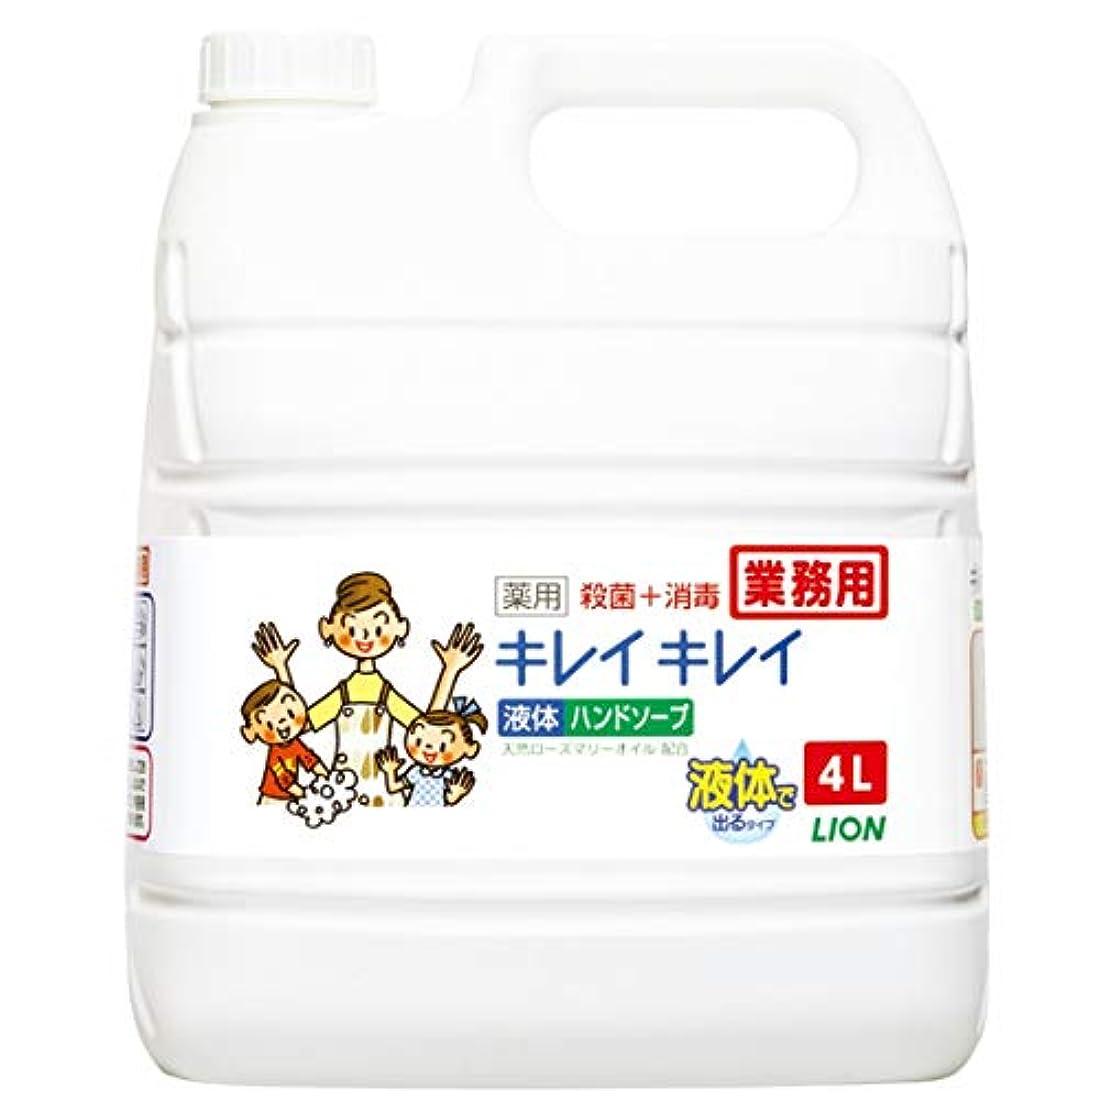 ジャム楽しむモール【業務用 大容量】キレイキレイ 薬用 ハンドソープ  4L(医薬部外品)